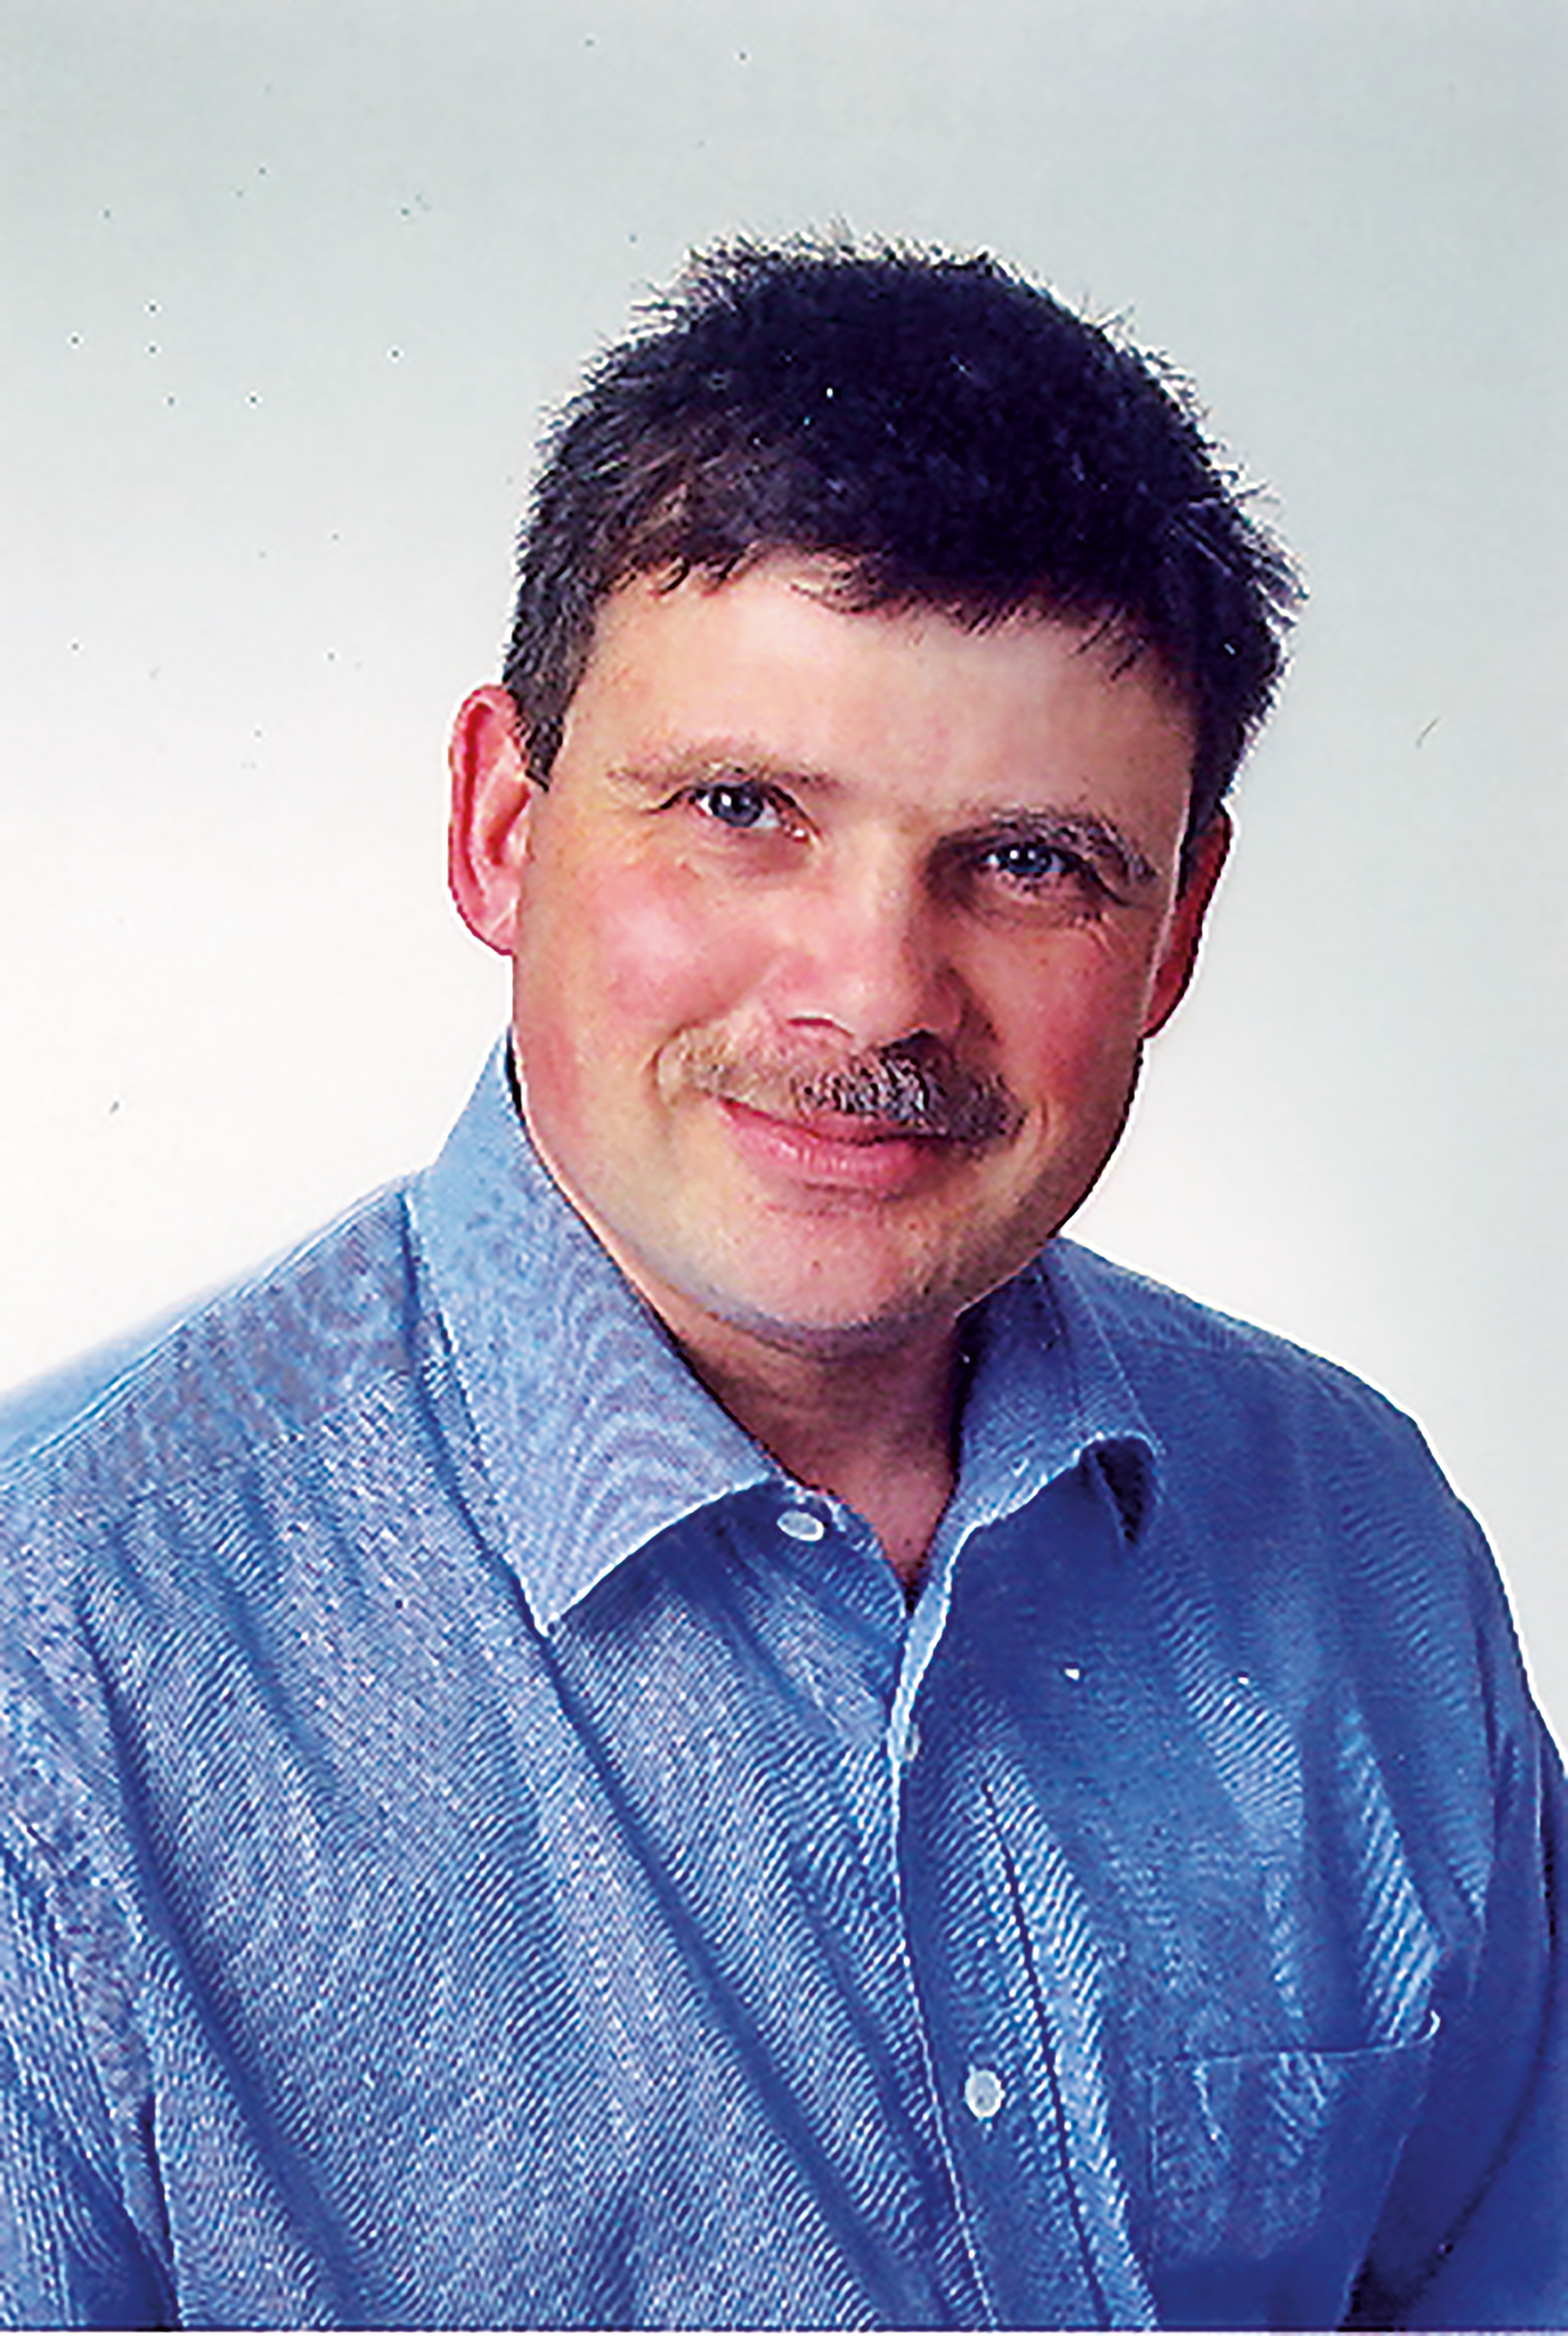 Peter_Meier - Peter_Meier